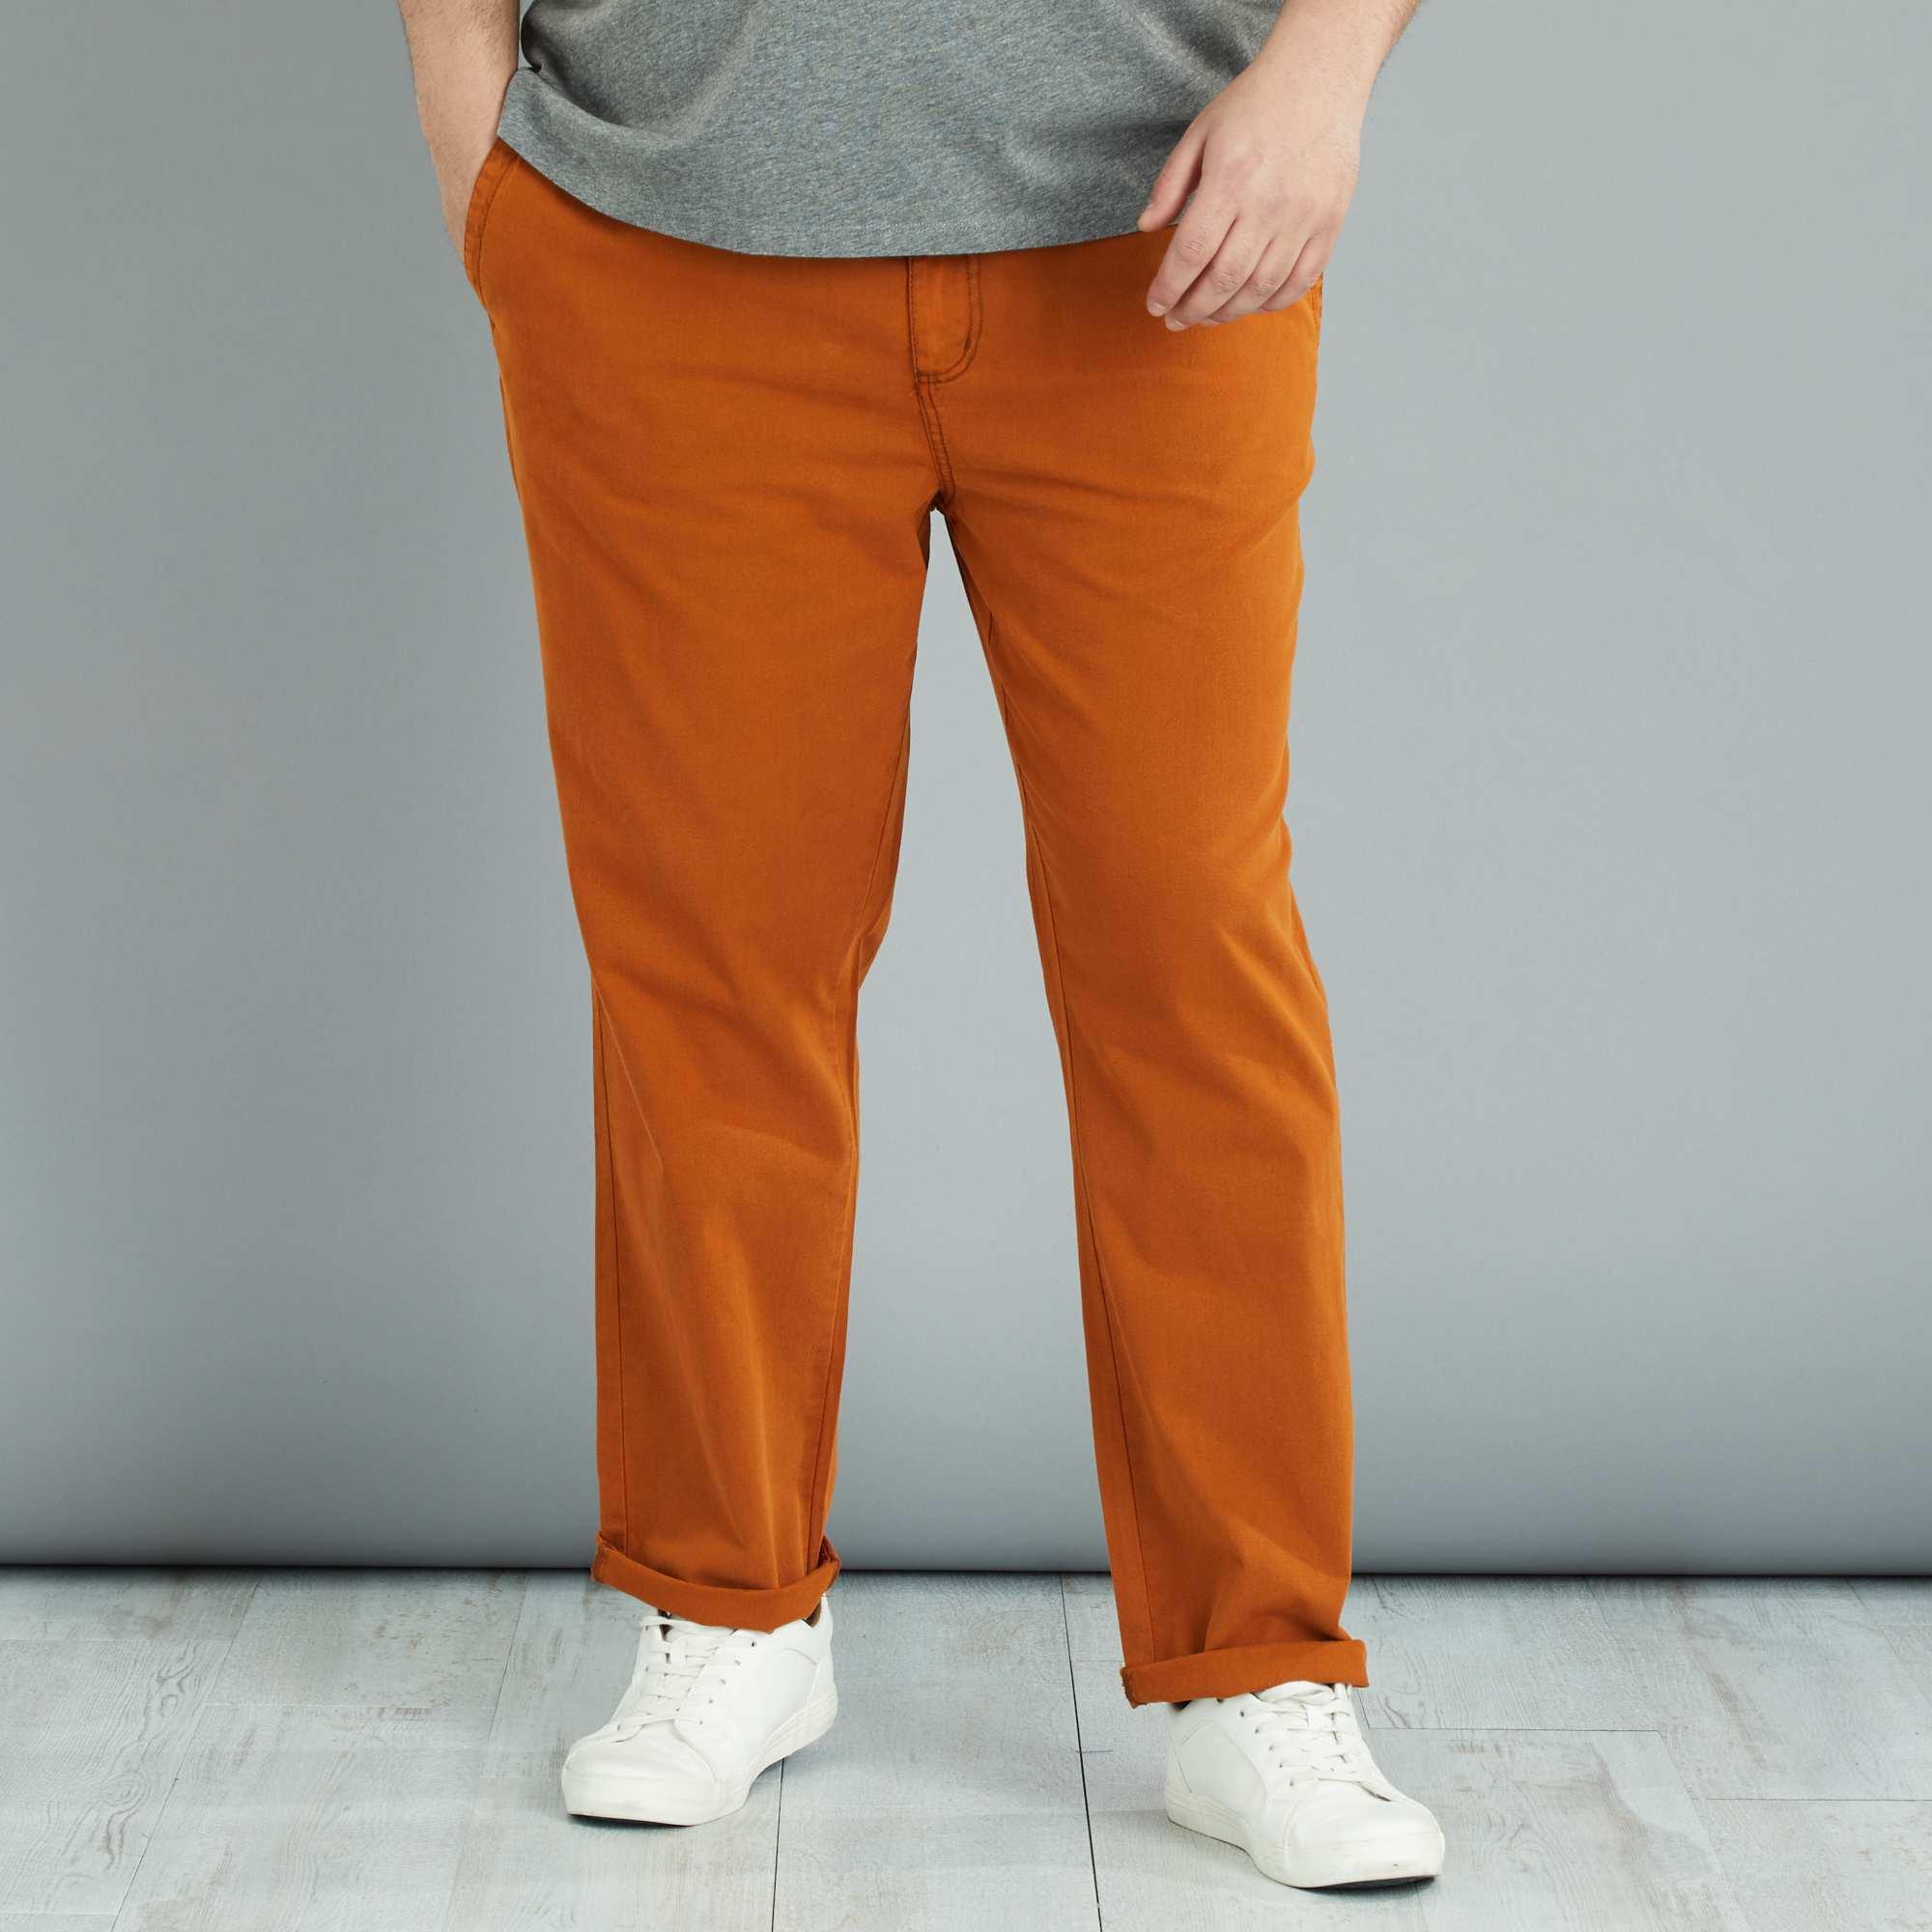 pantalon en coton et lin grande taille homme rouille. Black Bedroom Furniture Sets. Home Design Ideas